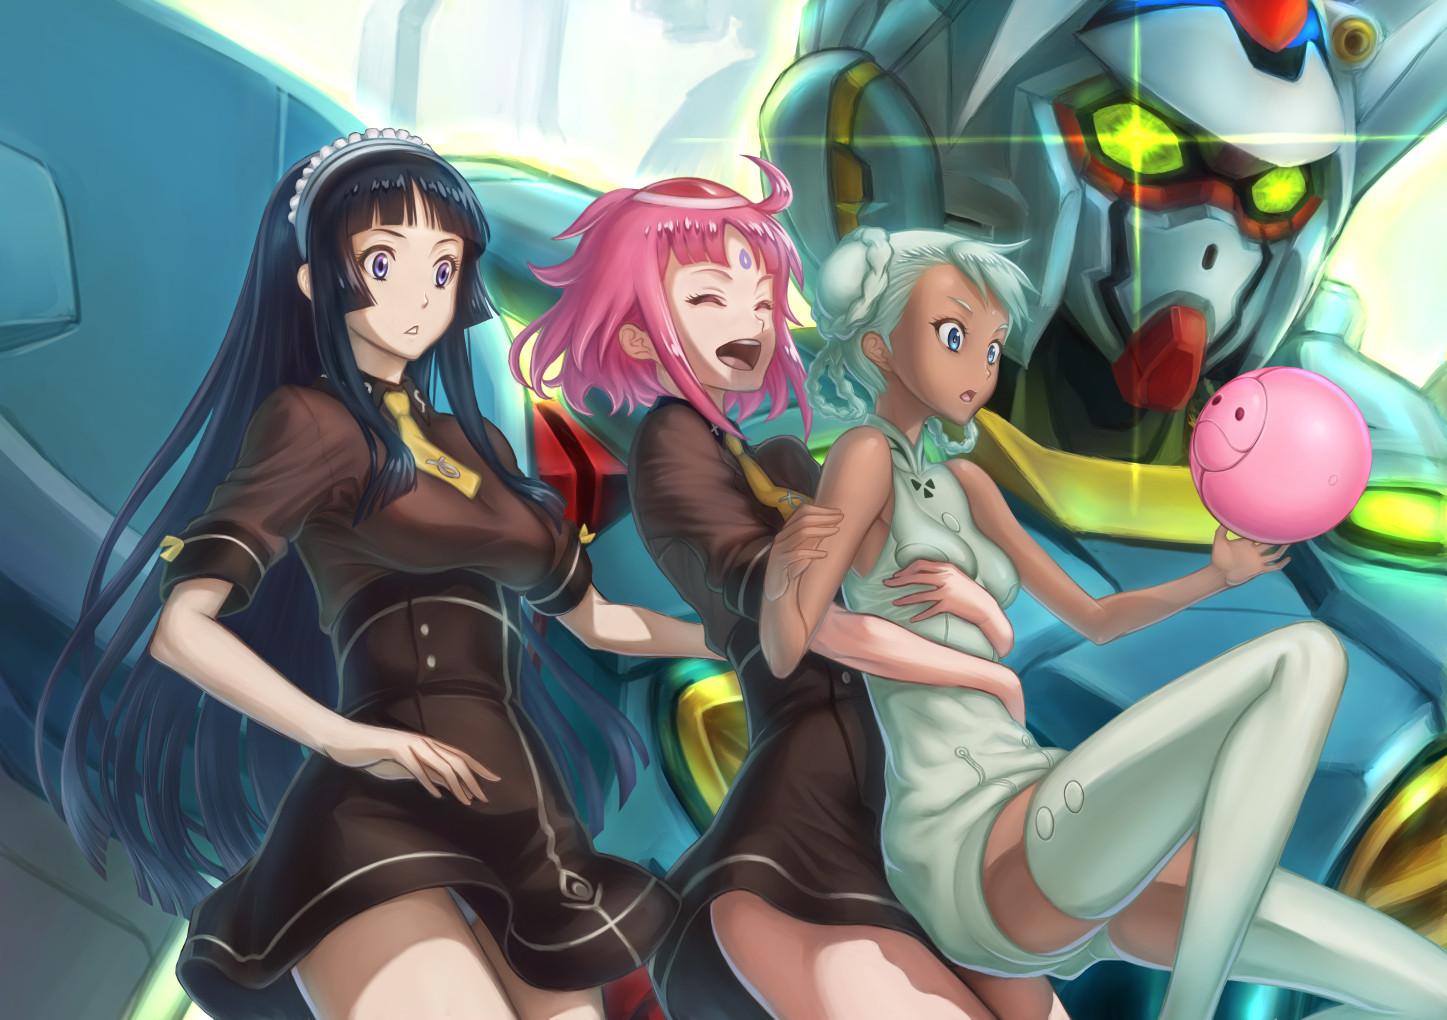 anime_wallpaper_Gungam_1136742-46986843_p0.jpg